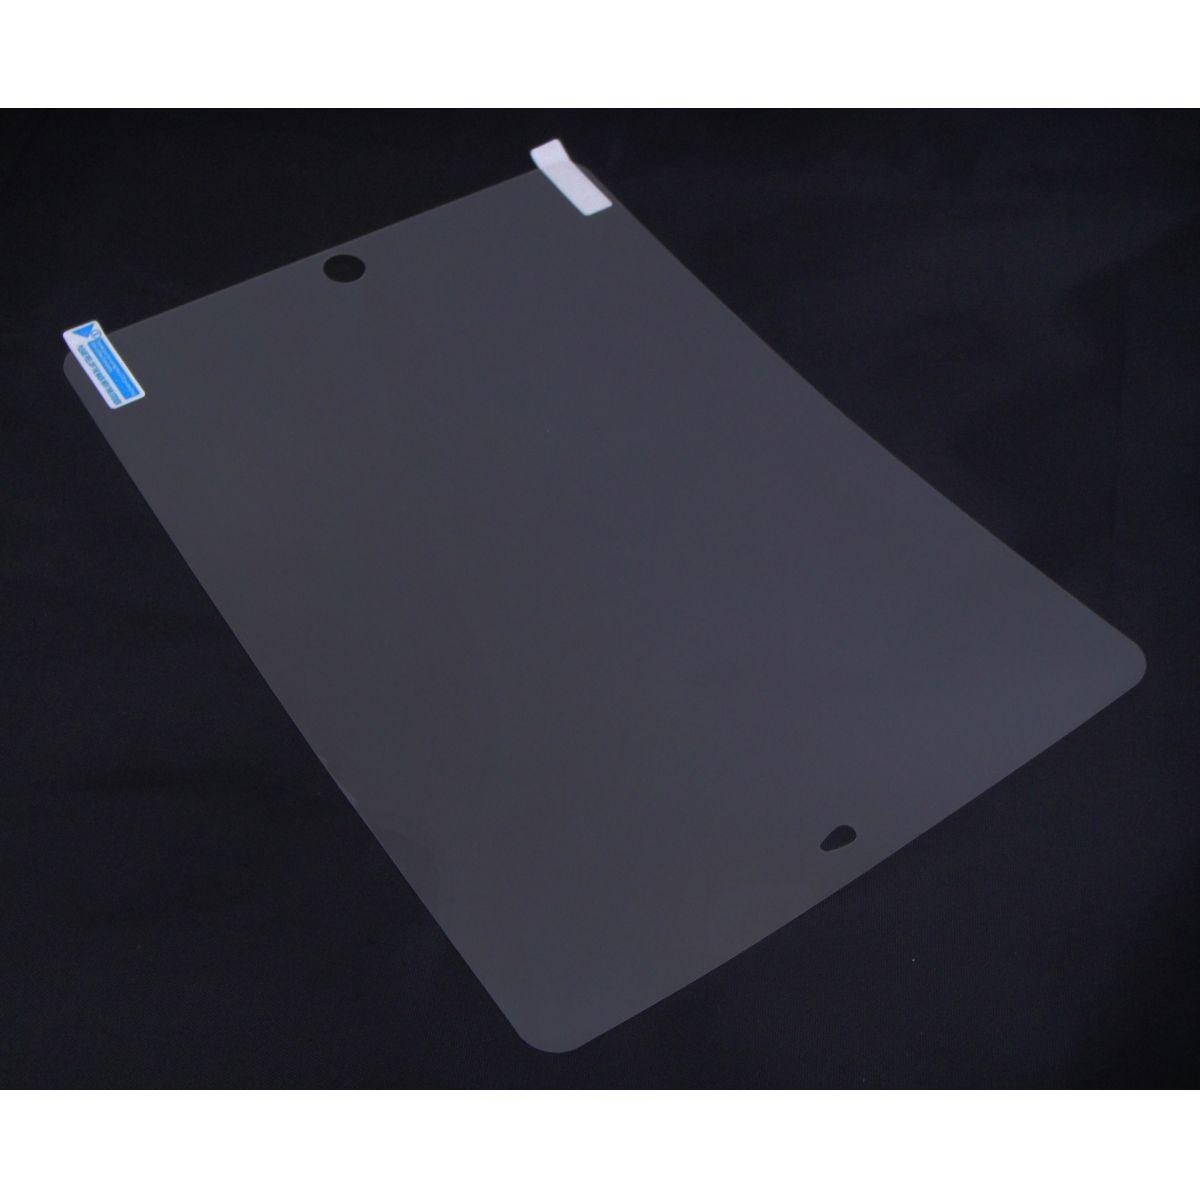 Película protetora para Ipad 5 Air - Transparente